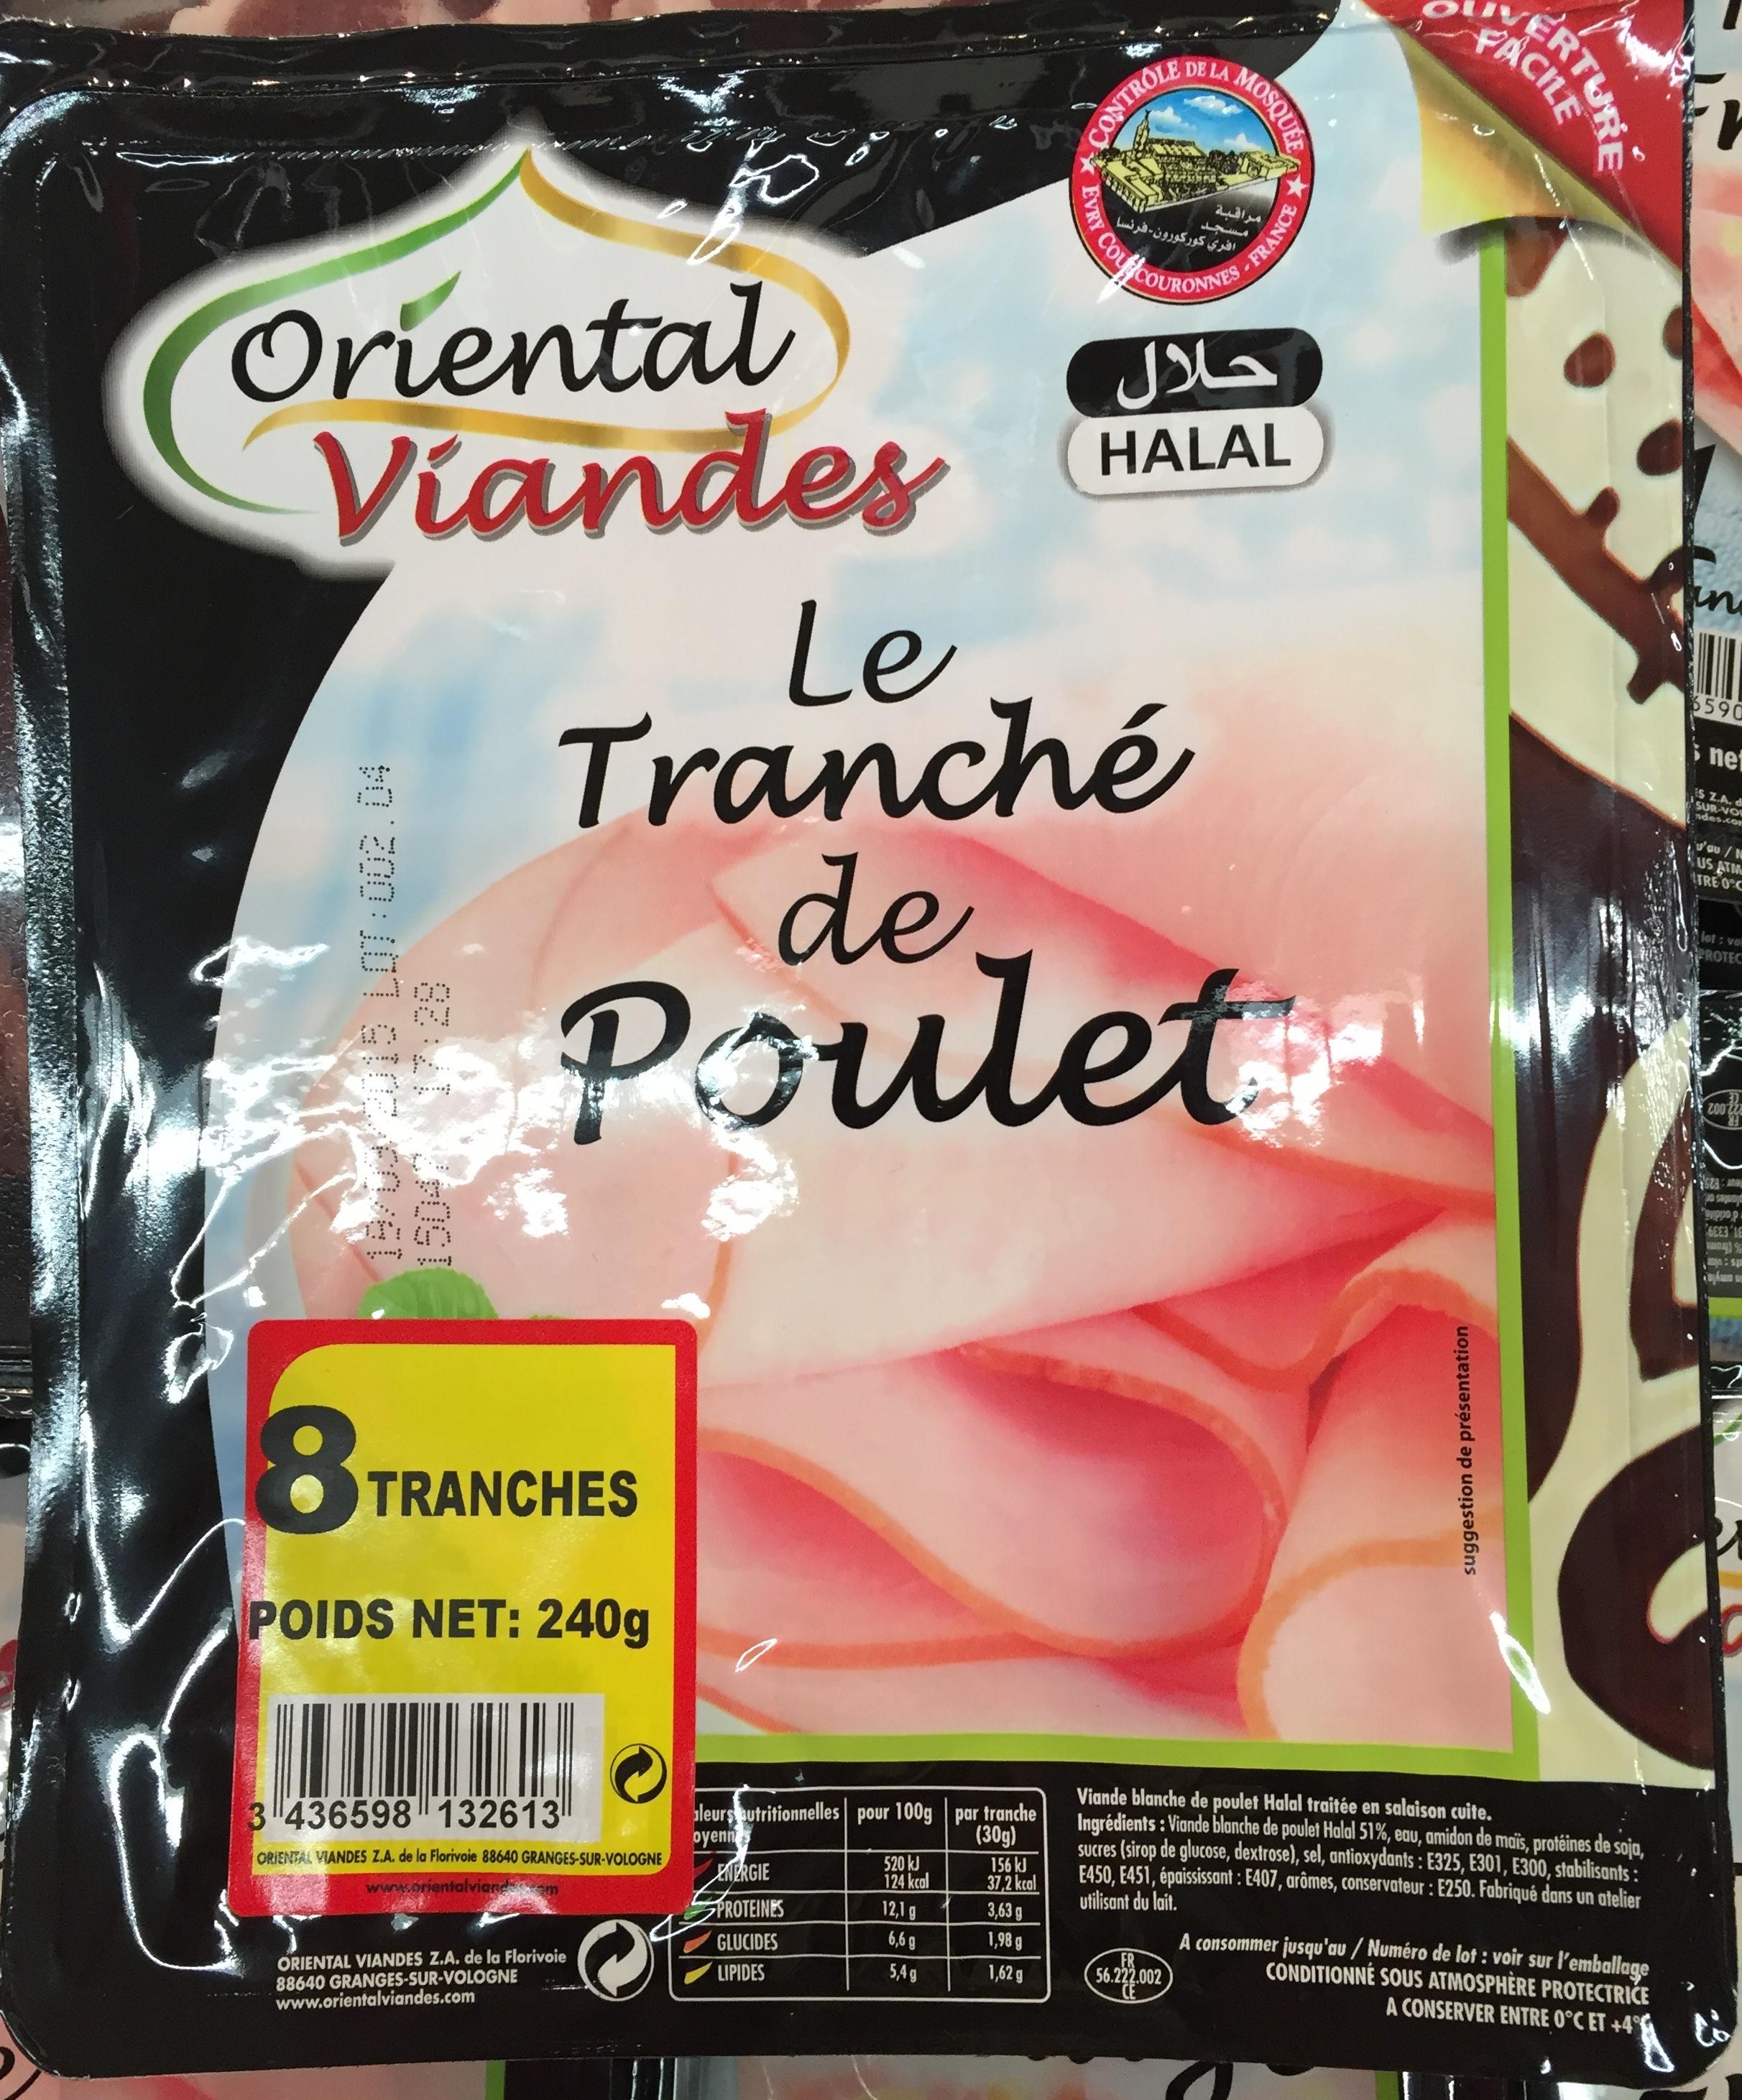 Le Tranché de Poulet - Oriental Viandes - 240 g